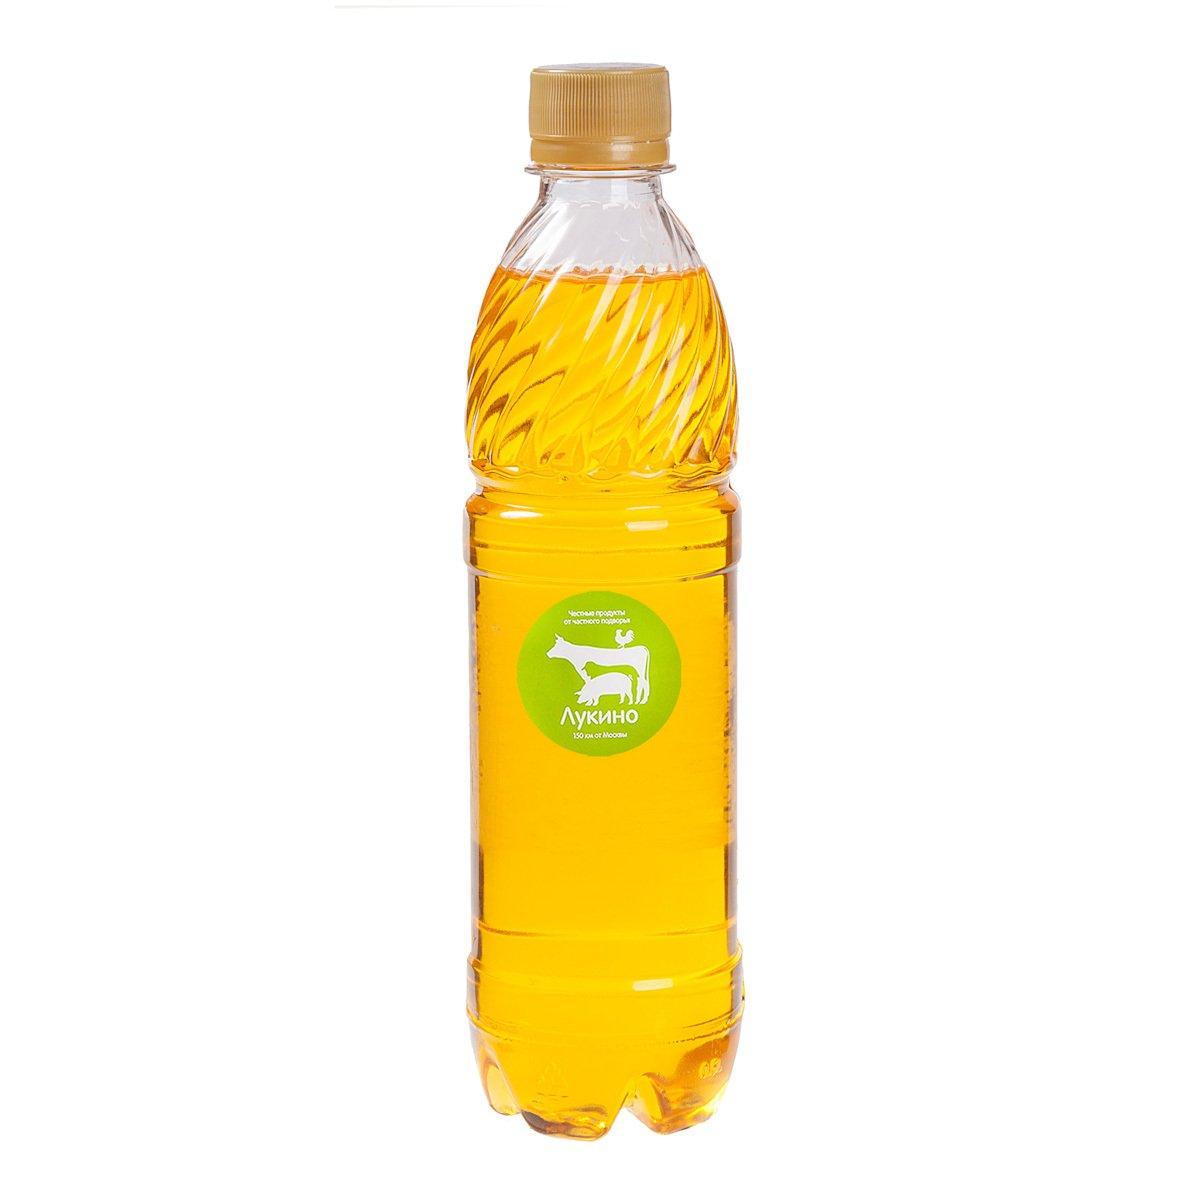 Ароматное подсолнечное масло